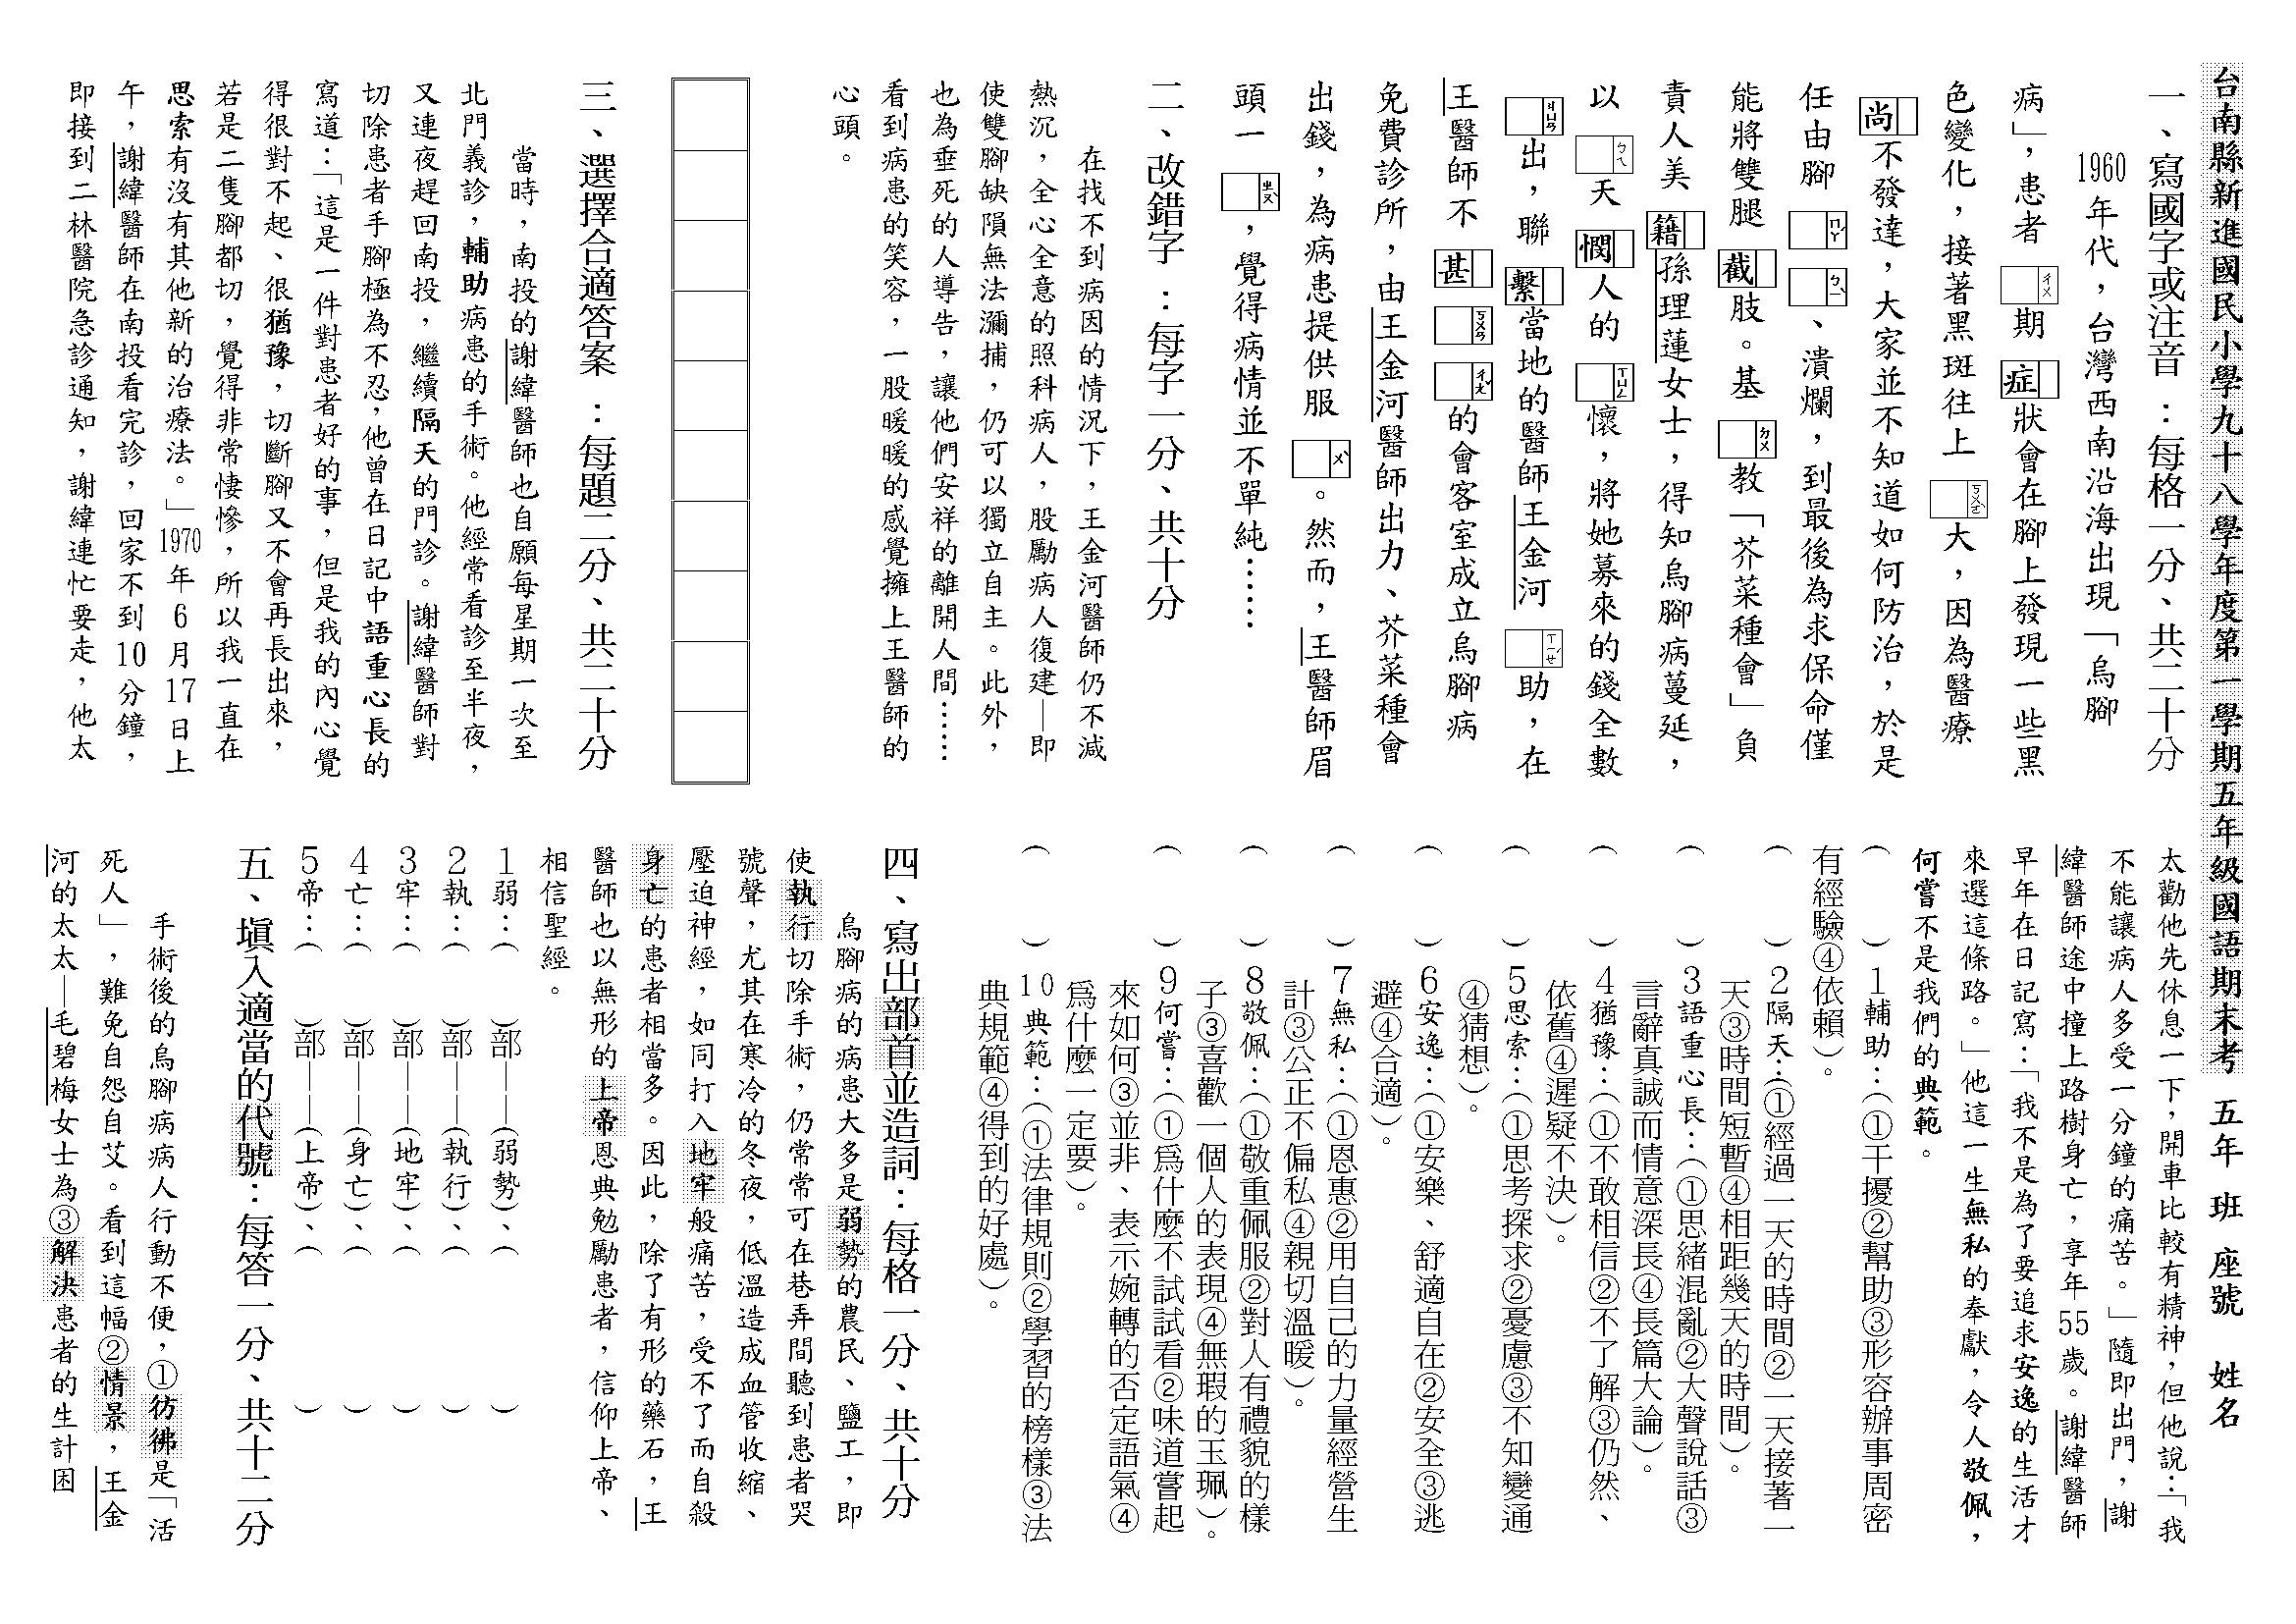 國語月考考卷(王醫師與烏腳病)正面.jpg